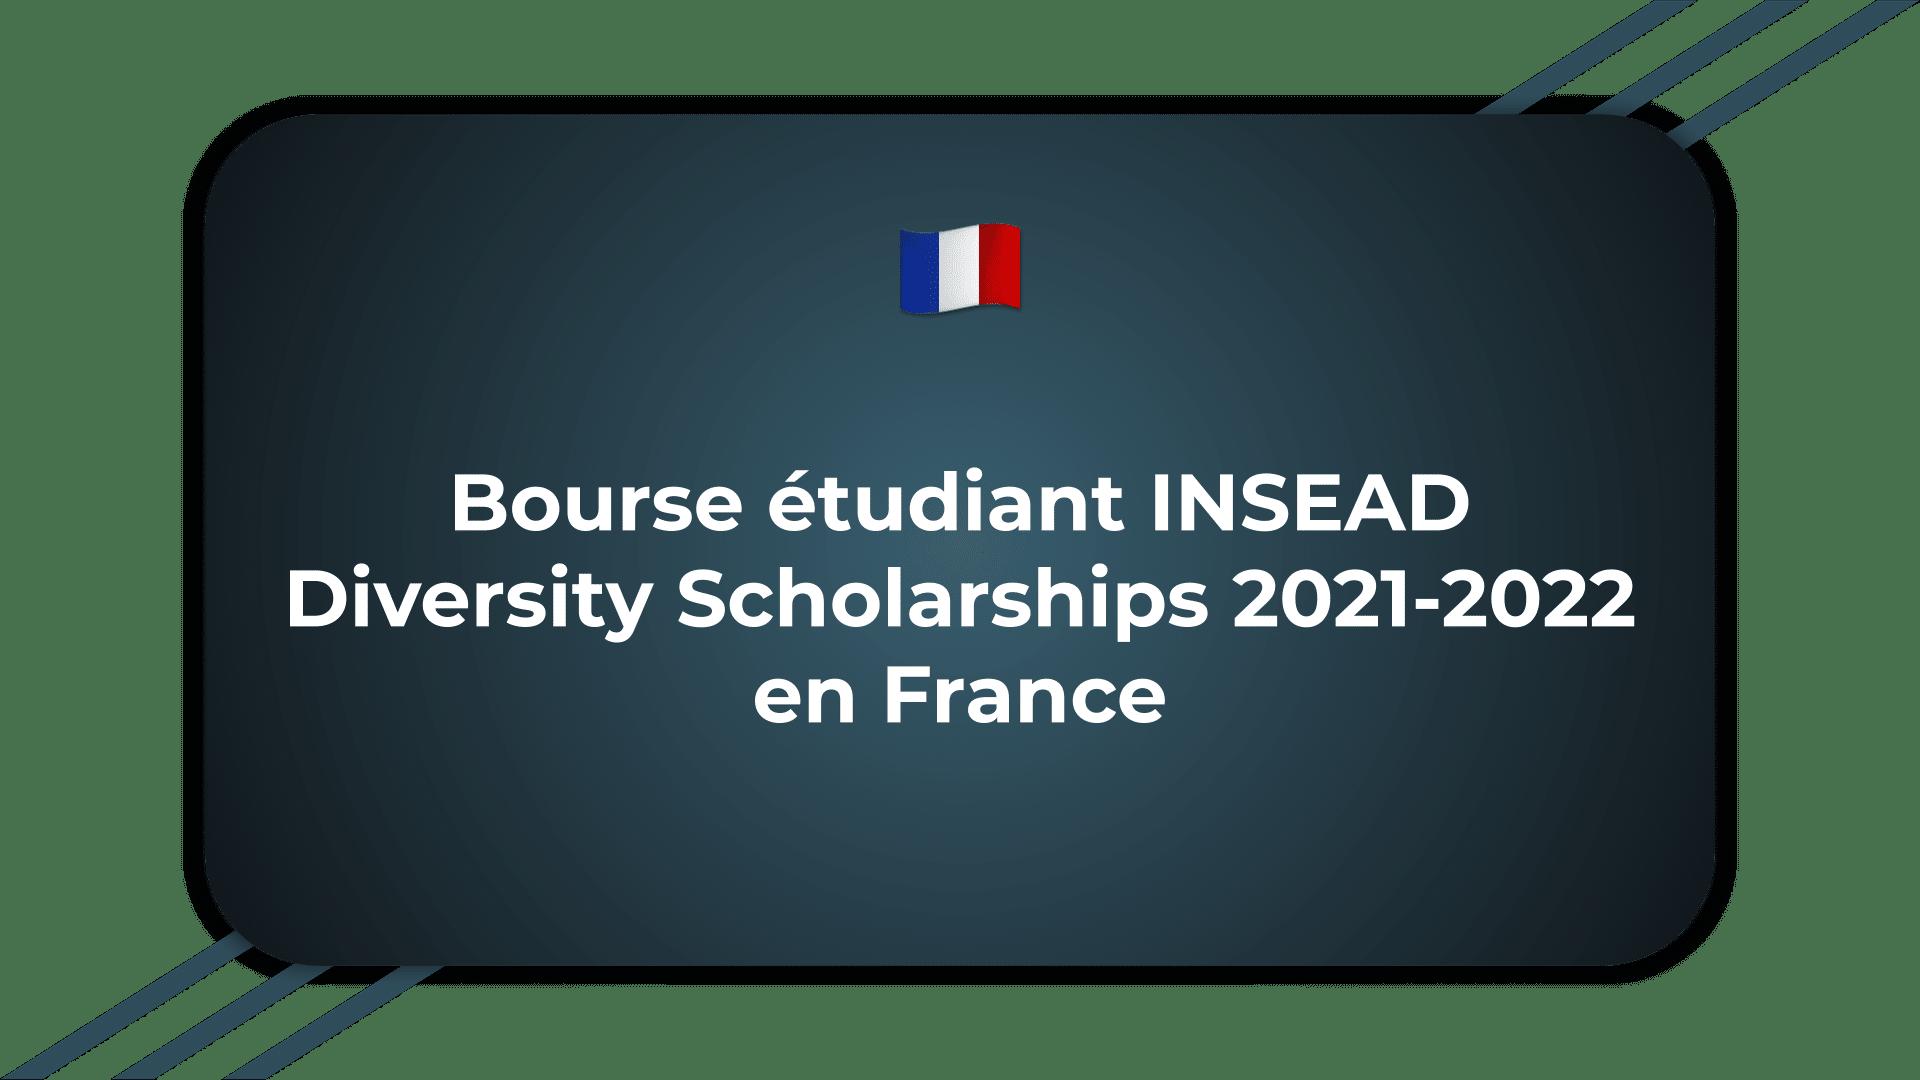 Bourse étudiant INSEAD Diversity Scholarships